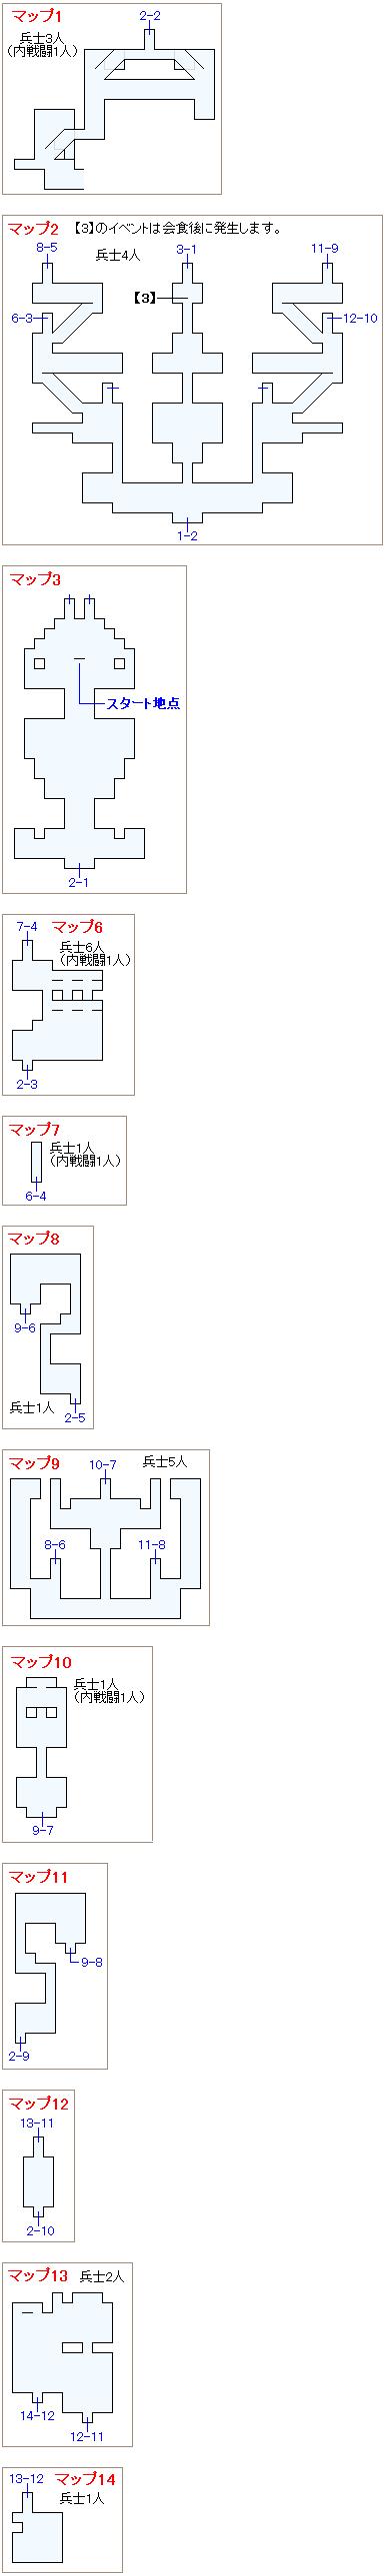 崩壊前チャート5・帝国城マップ画像(2)